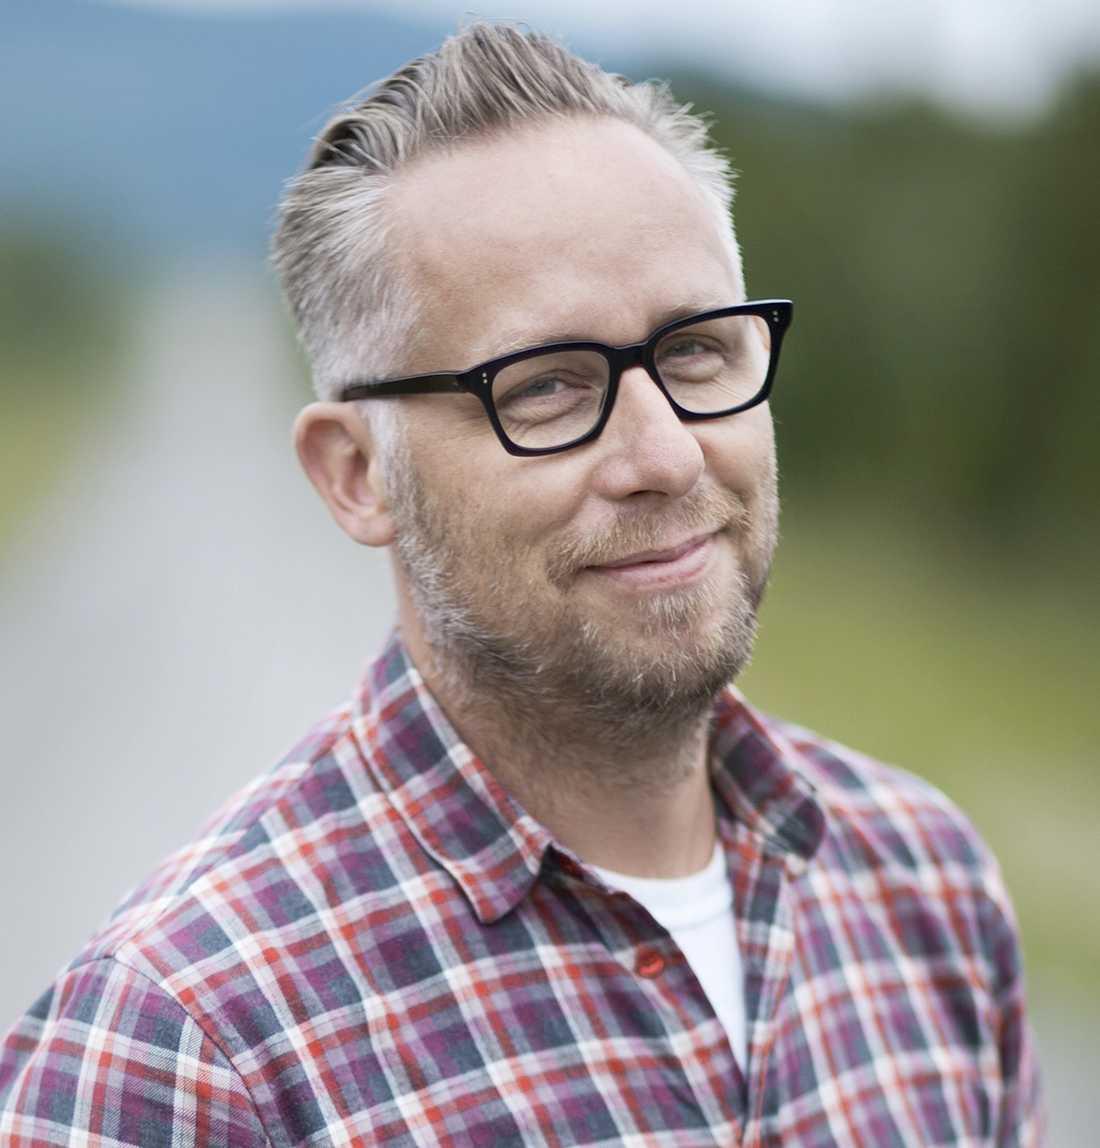 Bok Po Tidholm Norrland Recension Aftonbladet